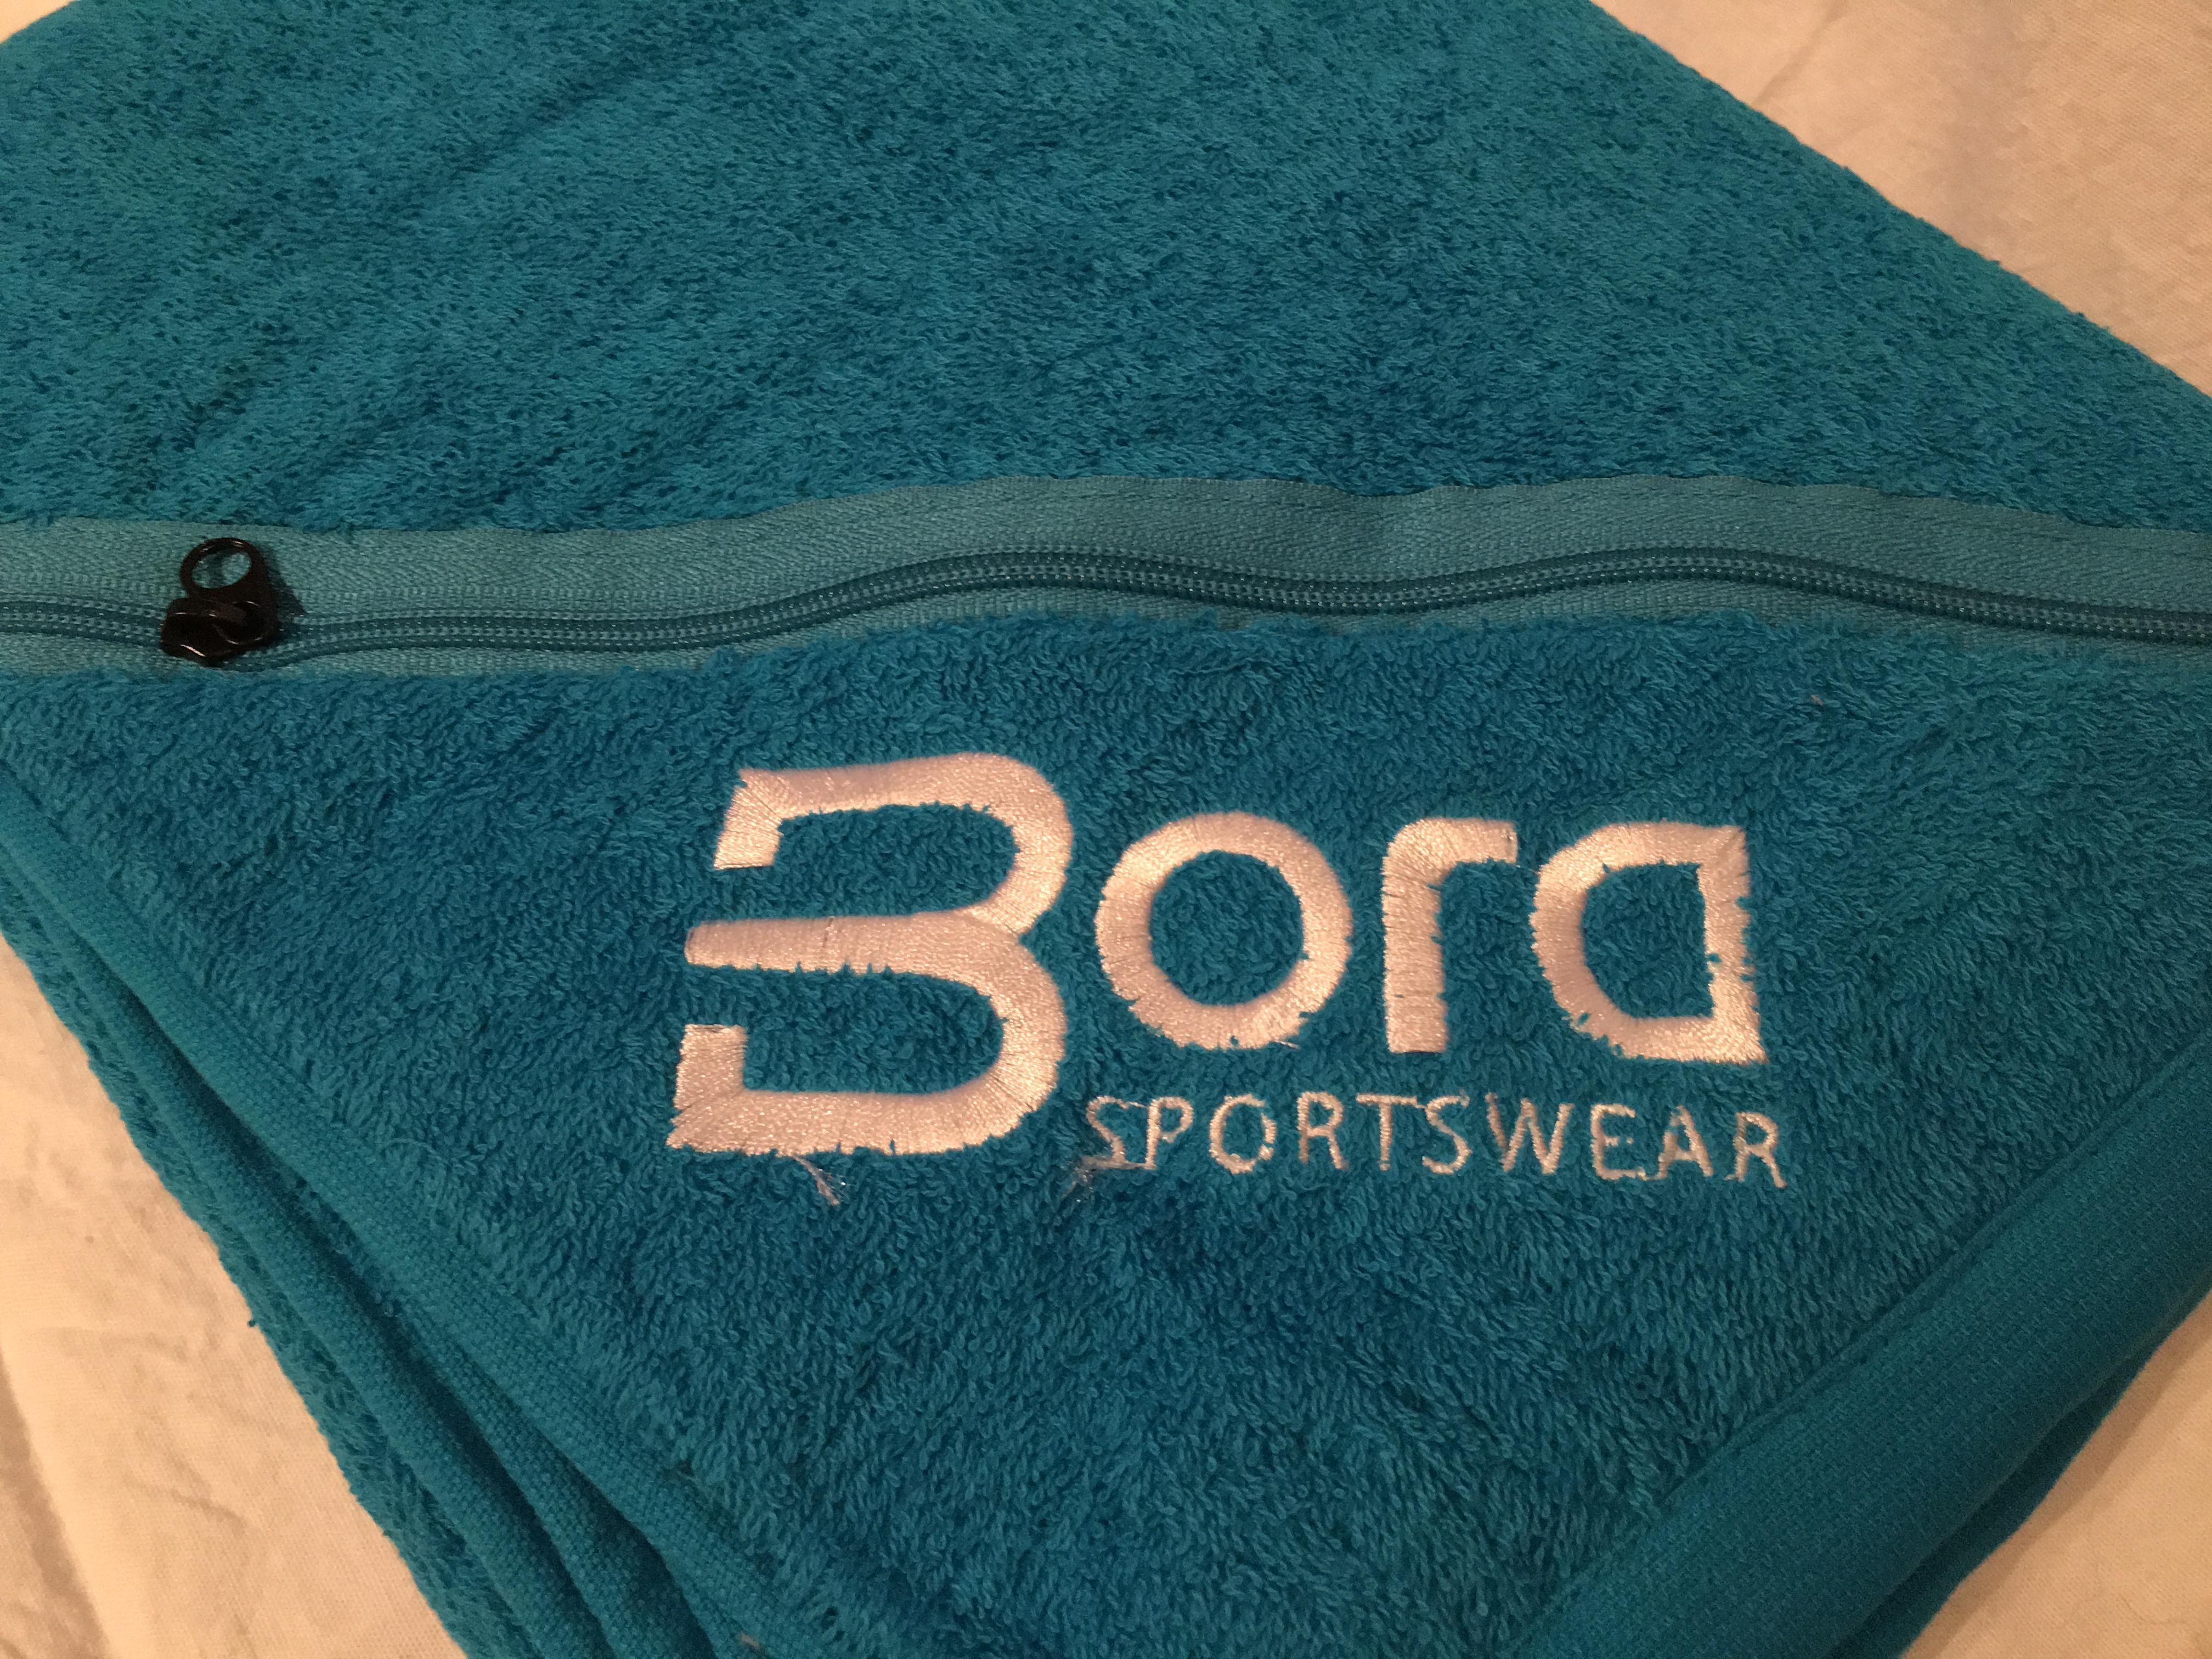 produkttest und gewinnspiel badetuch mit integrierter rei verschluss tasche von bora. Black Bedroom Furniture Sets. Home Design Ideas